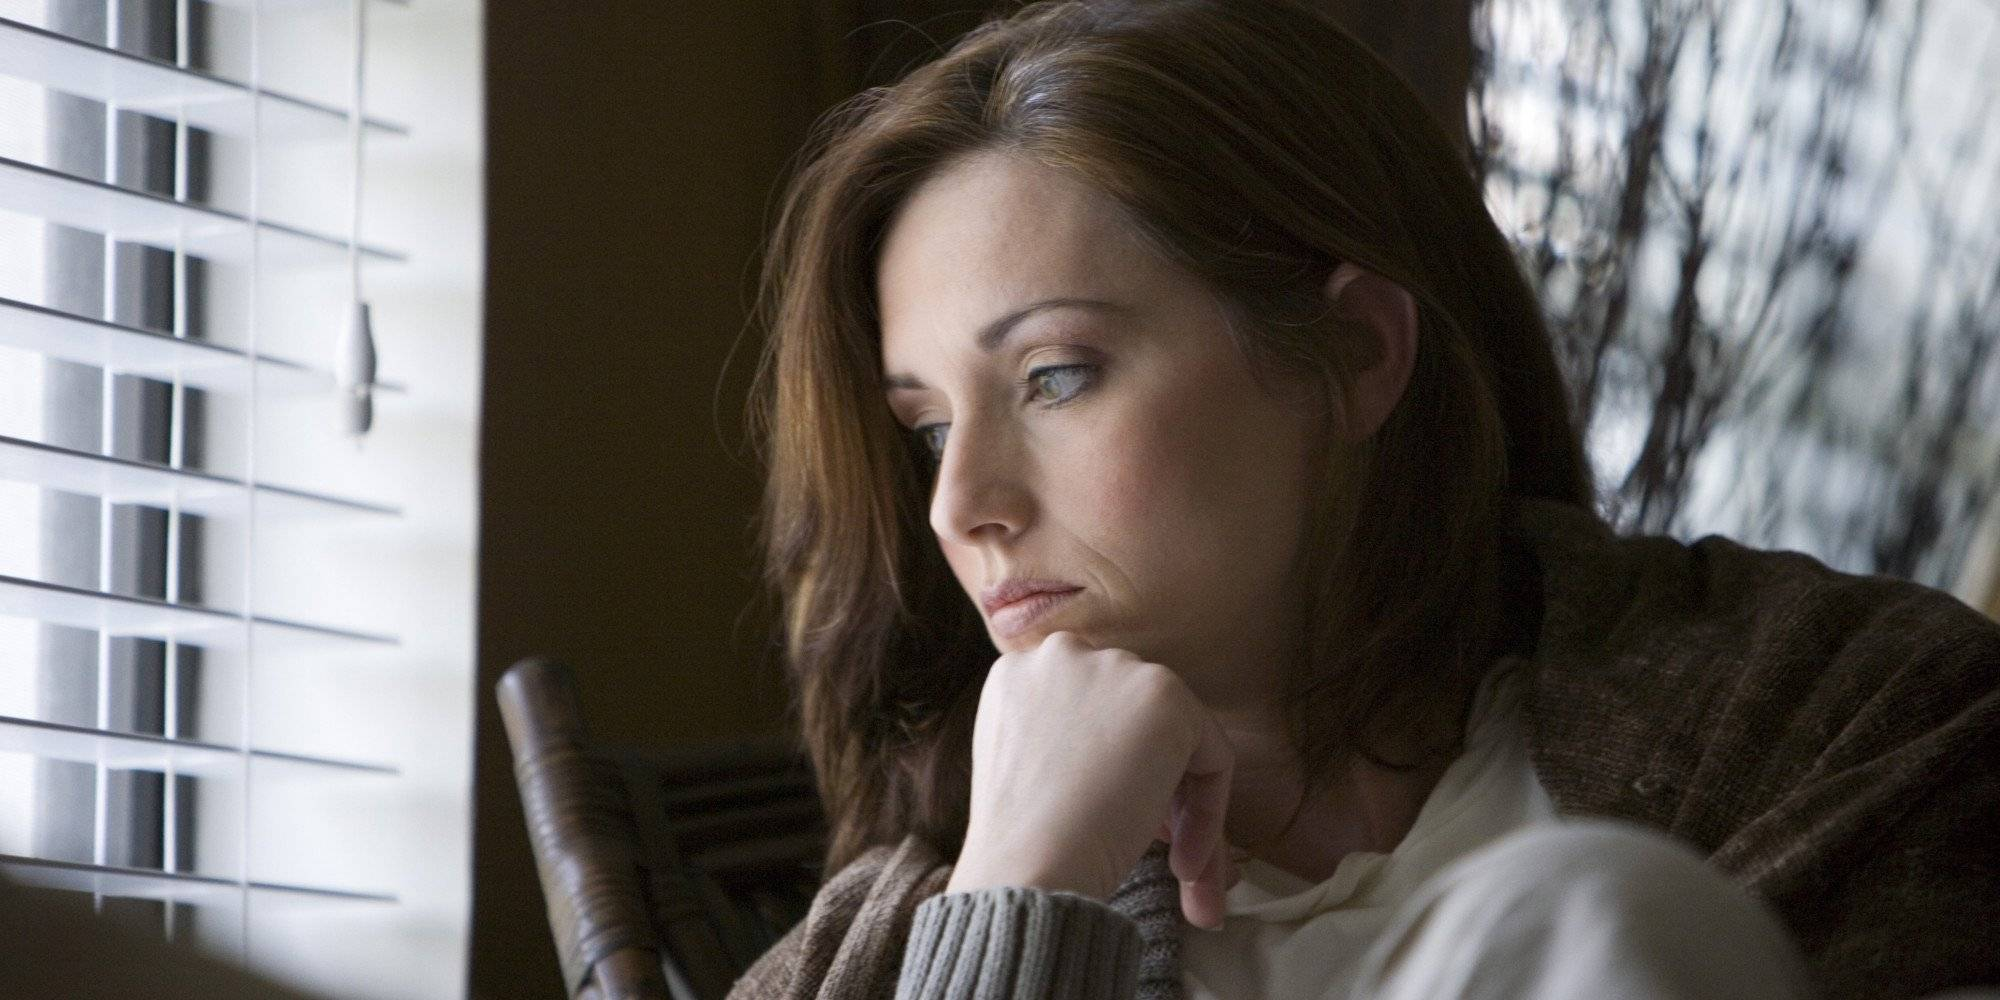 Как справиться с одиночеством и депрессией: пошаговая инструкция